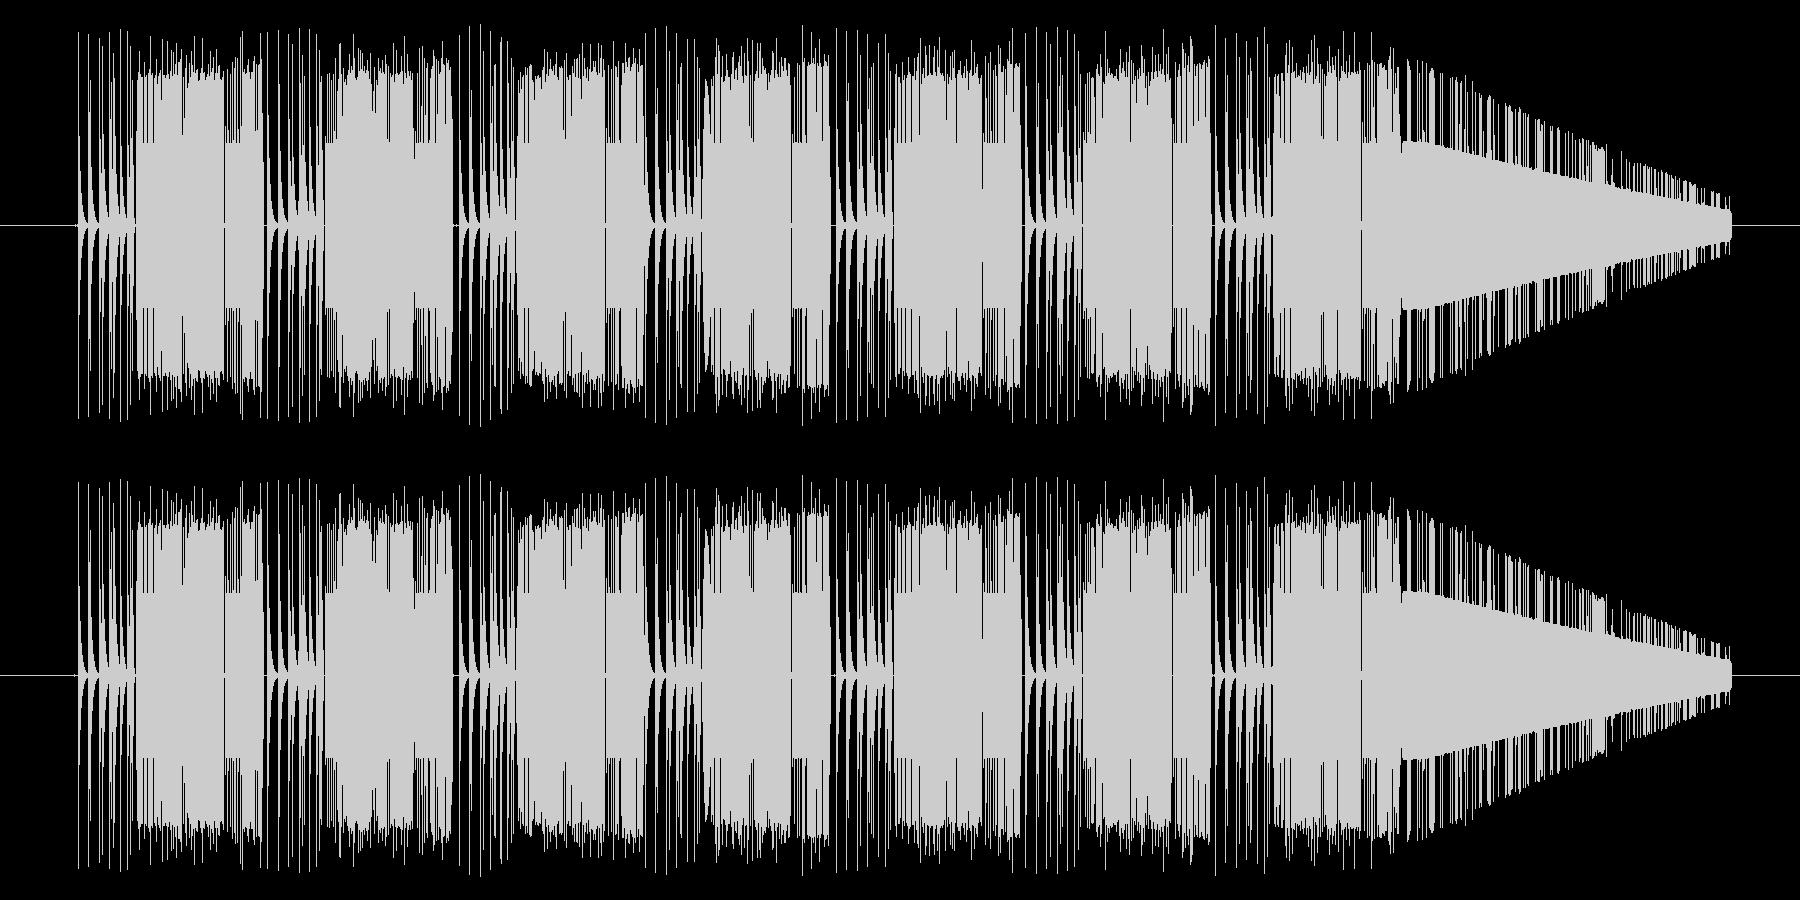 GB シューティング01-05(ダメージの未再生の波形